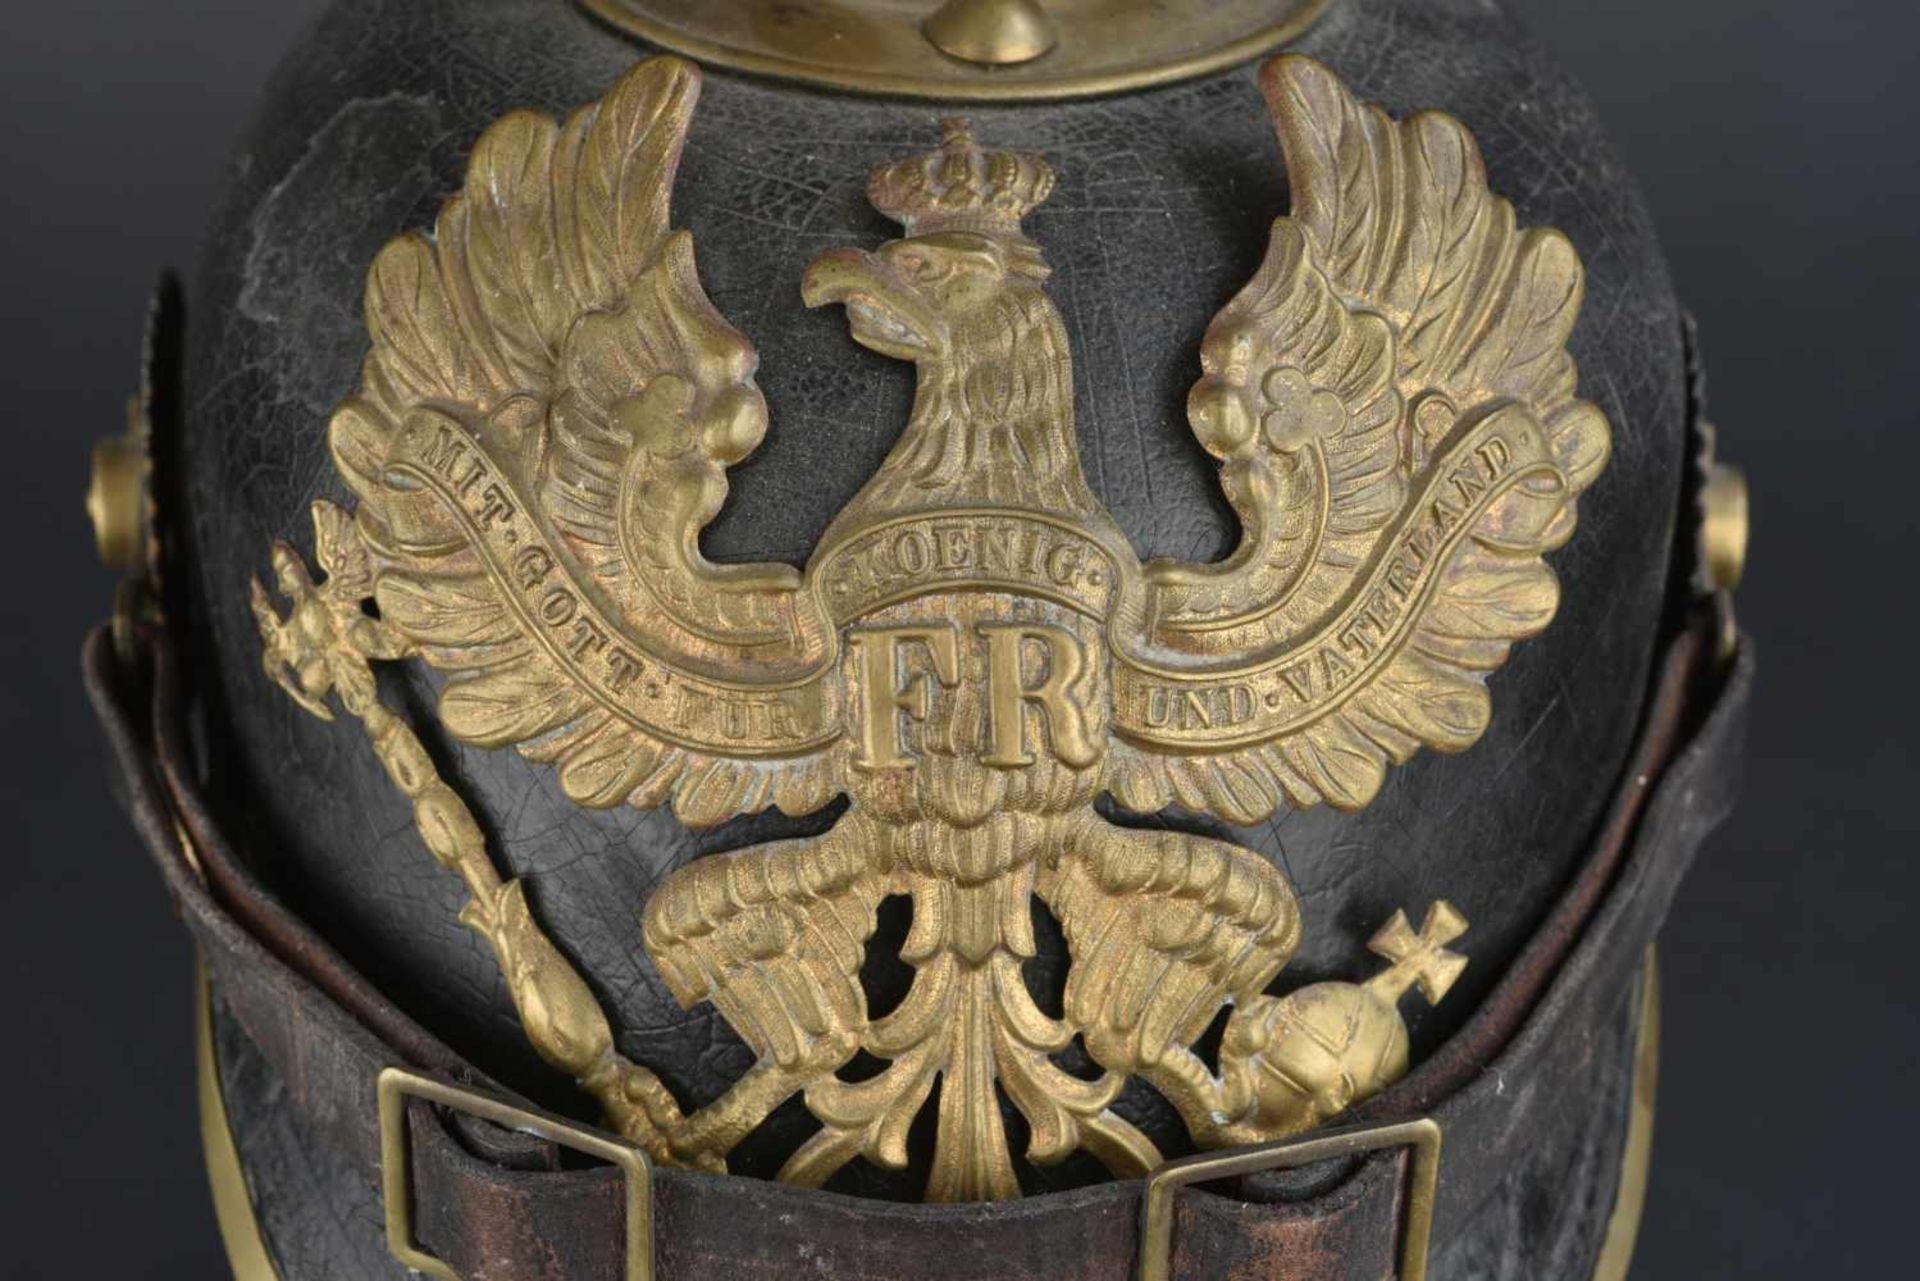 Los 39 - Ensemble d'équipement allemand de la première guerre mondiale Comprenant une gourde en métal émaillé